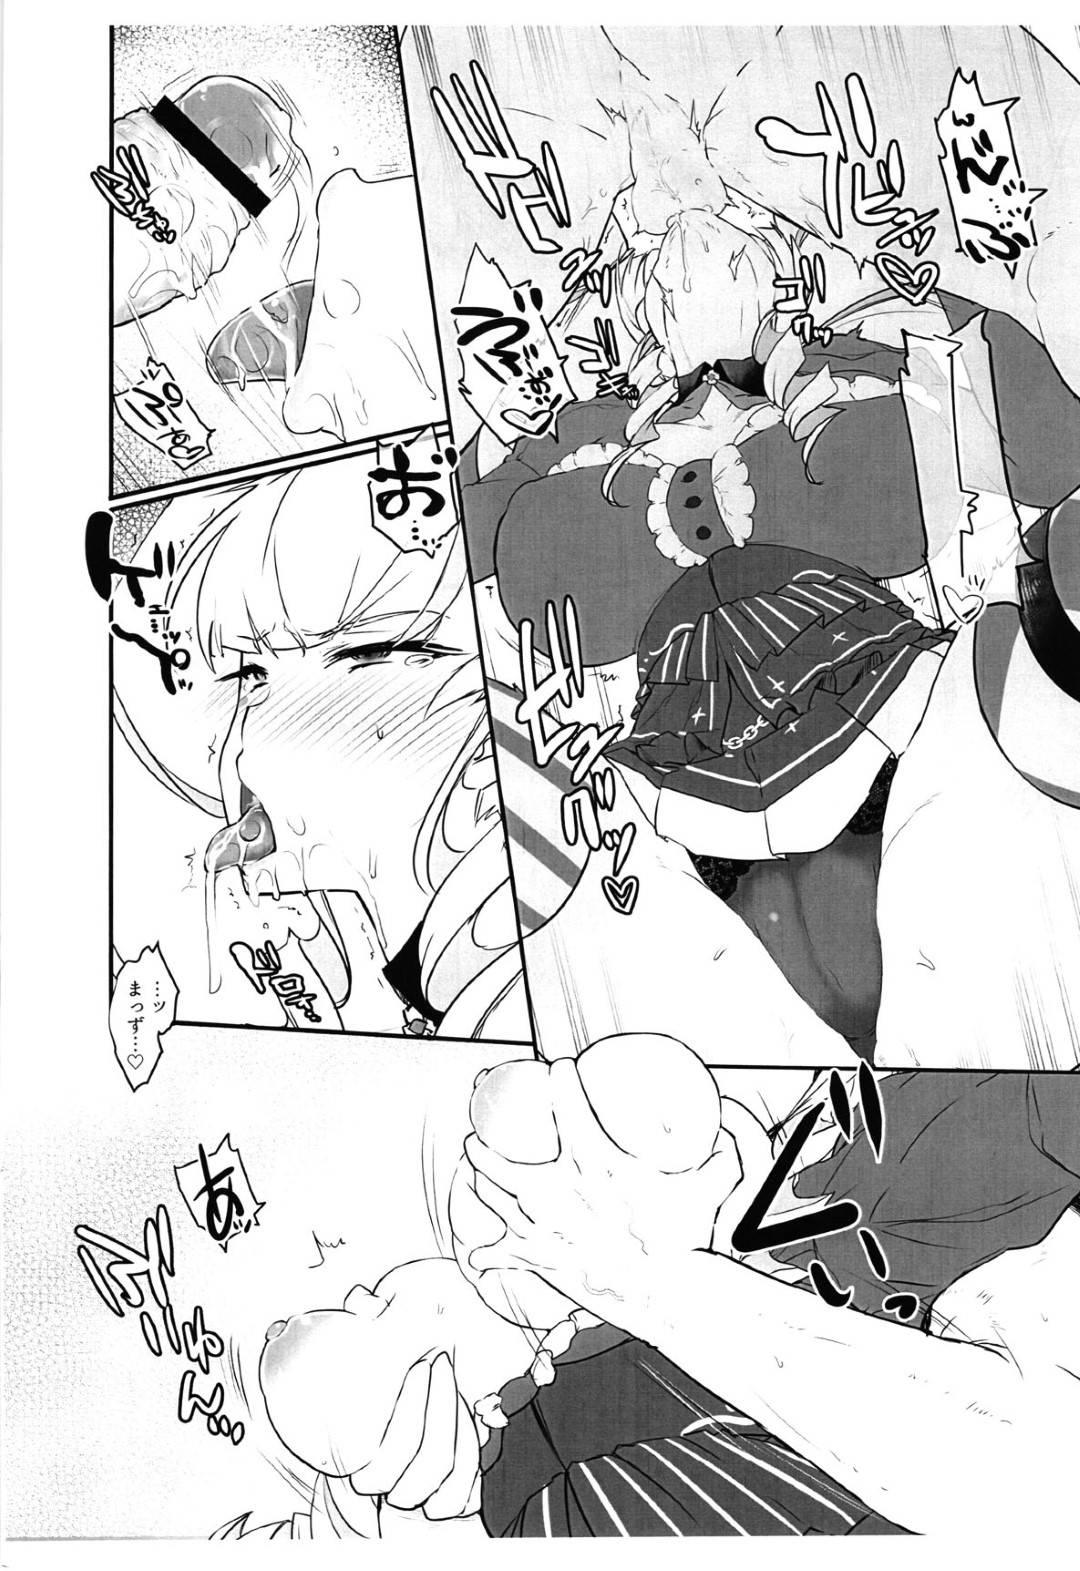 【エロ漫画】配信中にオタクのチンポを抜くことになってしまった巨乳お嬢様。皮の被ったチンカスまみれチンポをお掃除するようにバキュームフェラし、口内射精へと導く。それでもヤり足りない男は彼女の身体を持ち上げて駅弁でデカマラを生挿入する。アヘ顔でヨガりまくる彼女にガン突きしまくって更にはアナルも犯しまくる・